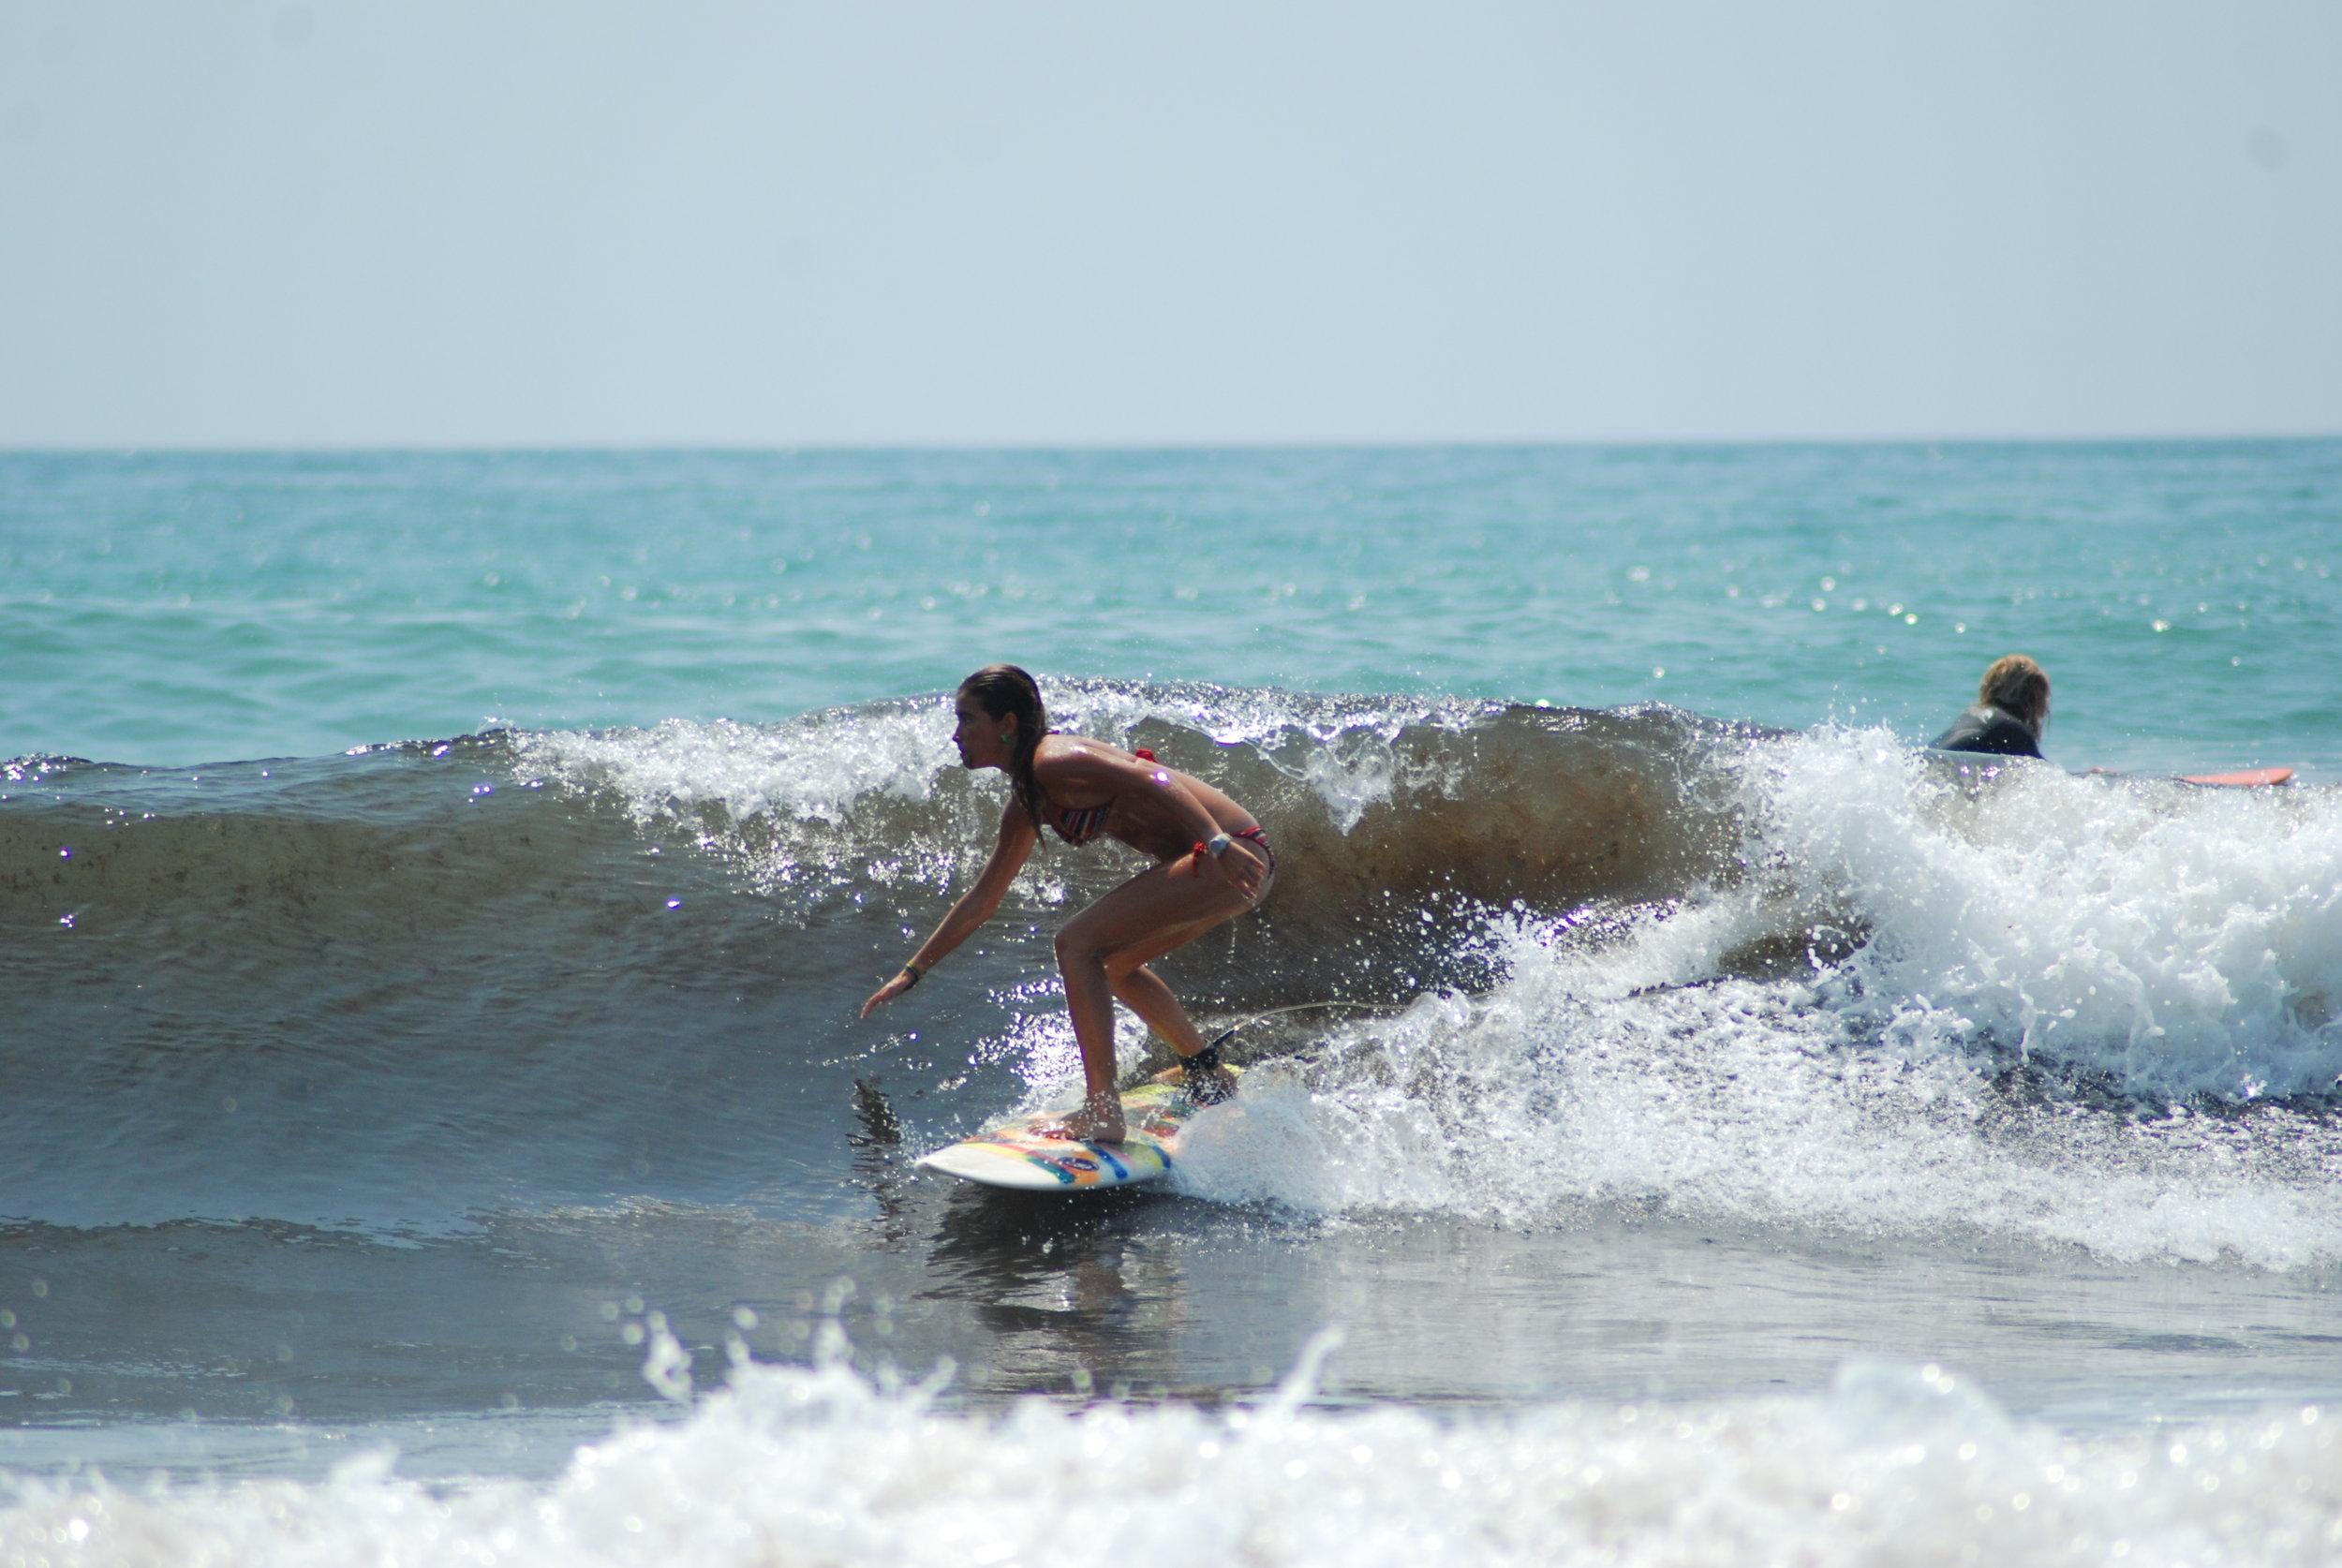 intermediate surfer - UniSURFity.JPG